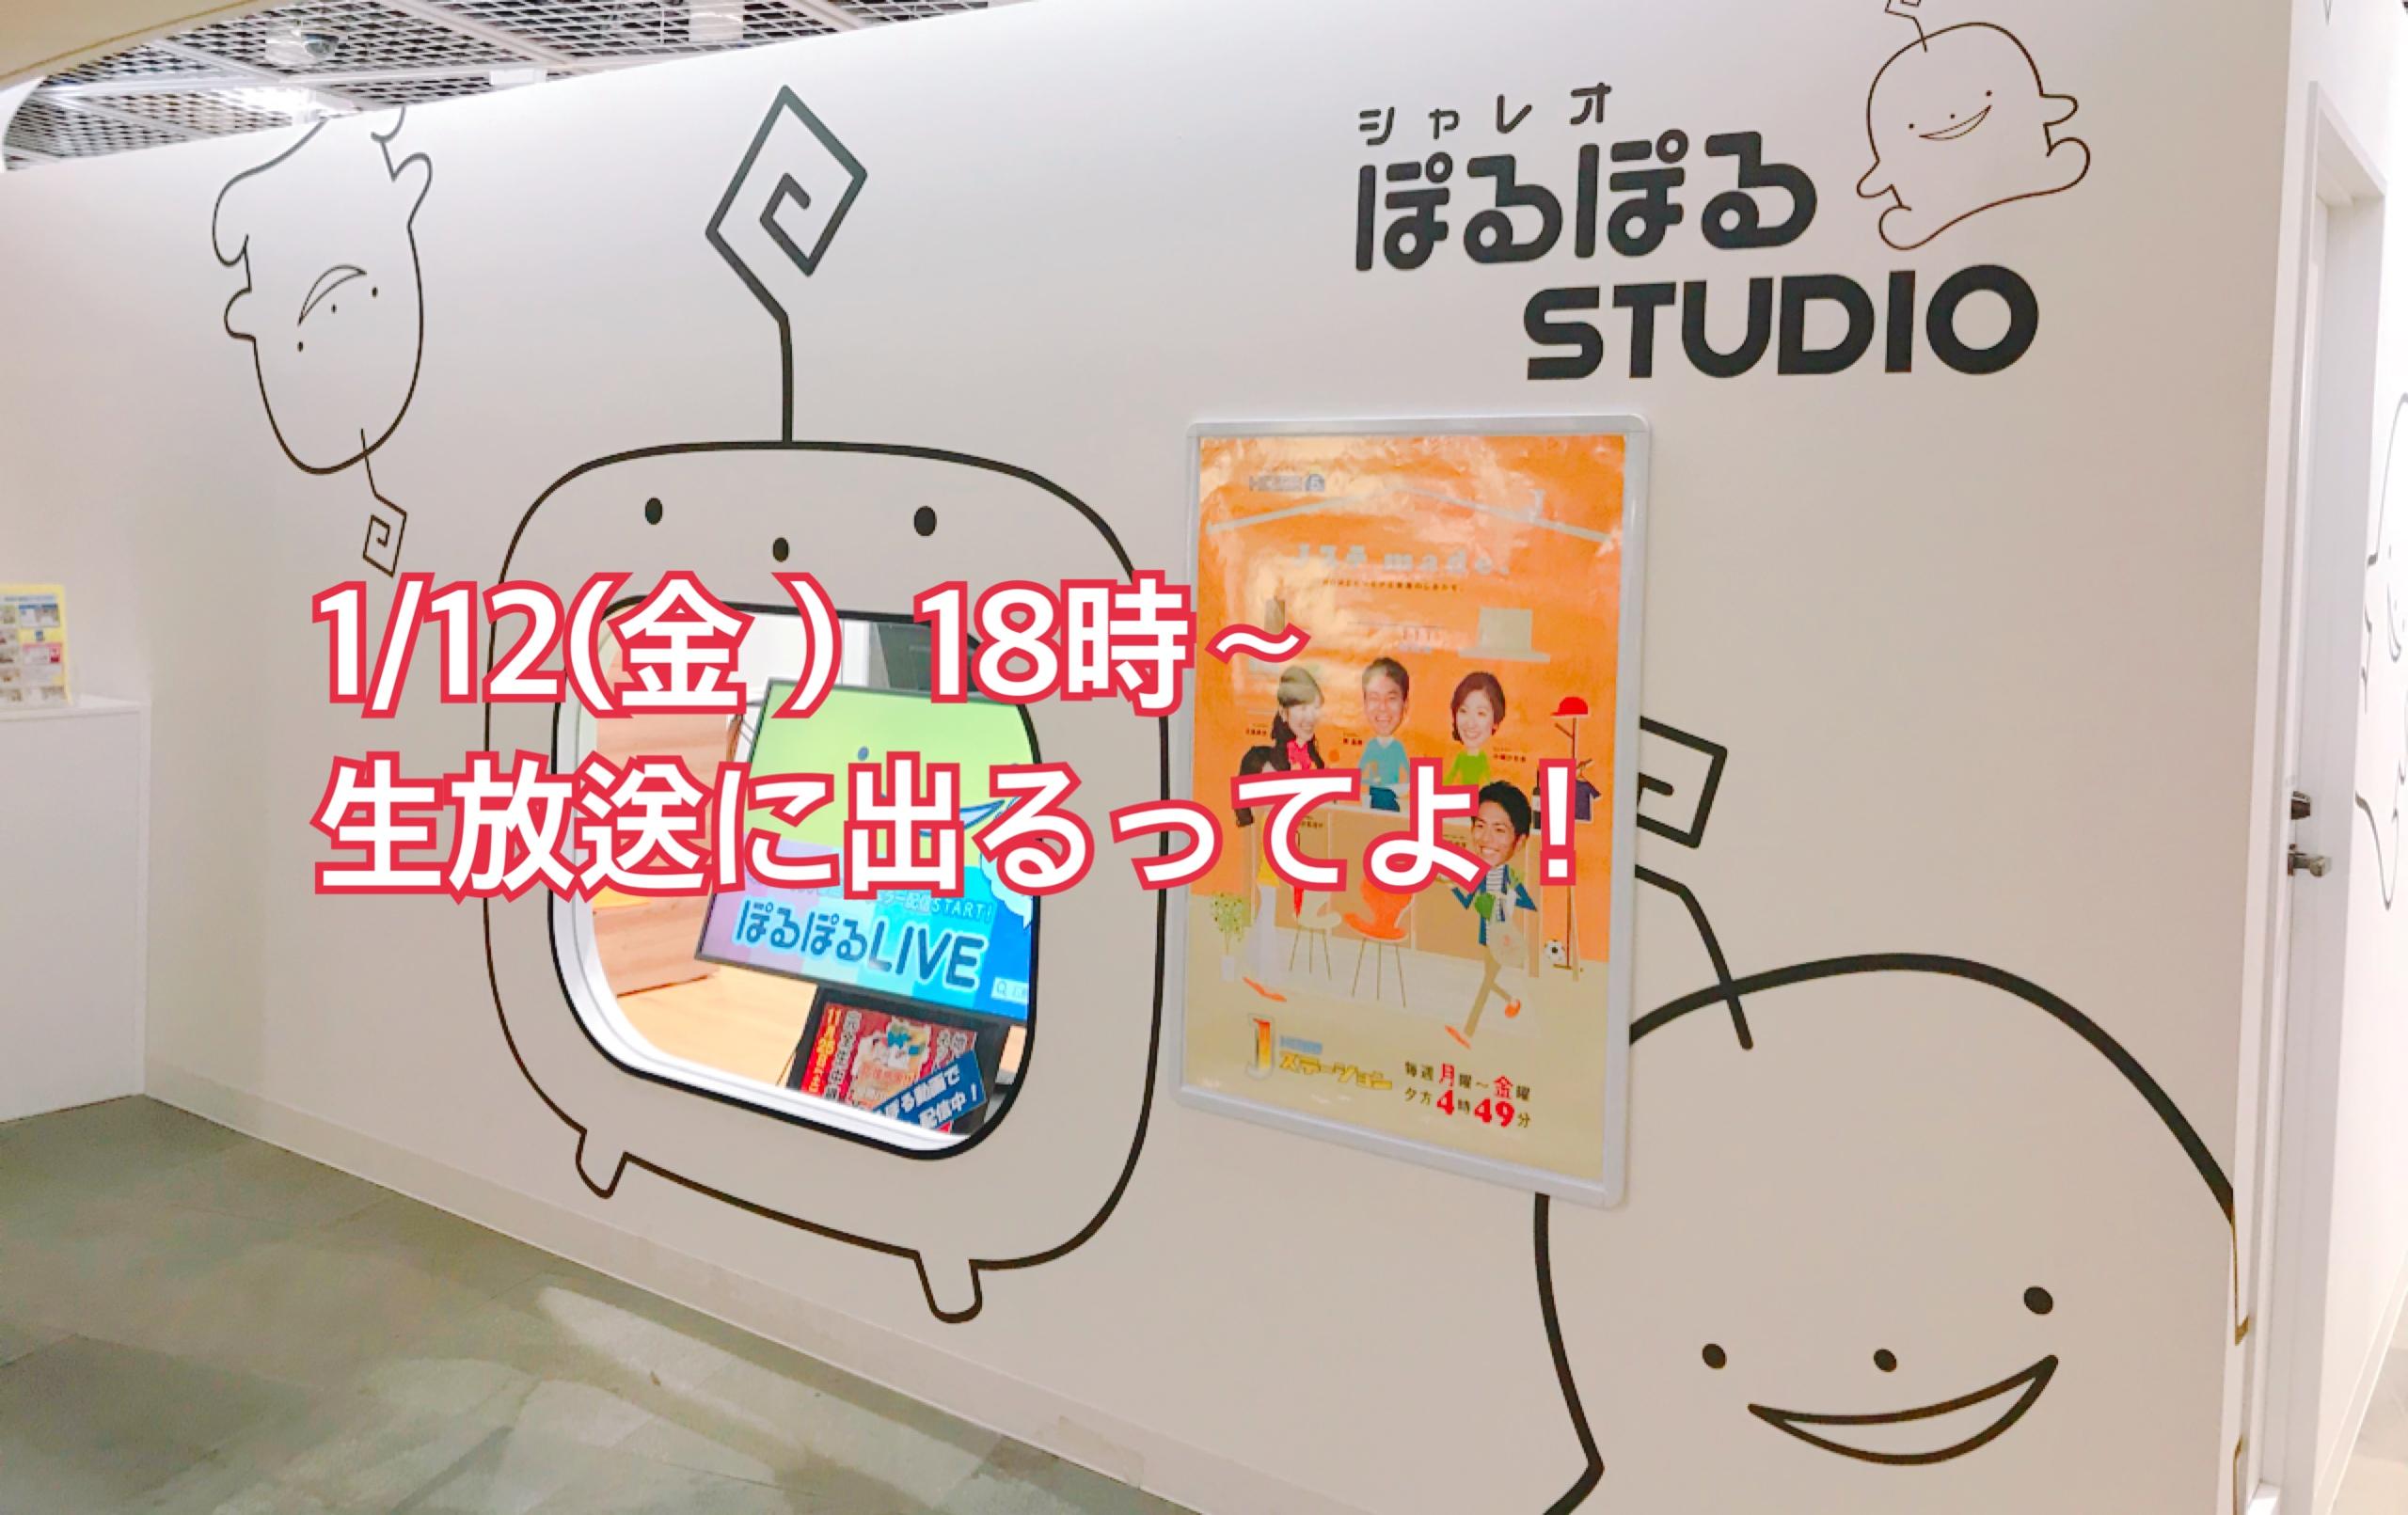 いずえり明日の「ぽるぽるLIVE」に西田篤史さんと生放送で出演するってよ!